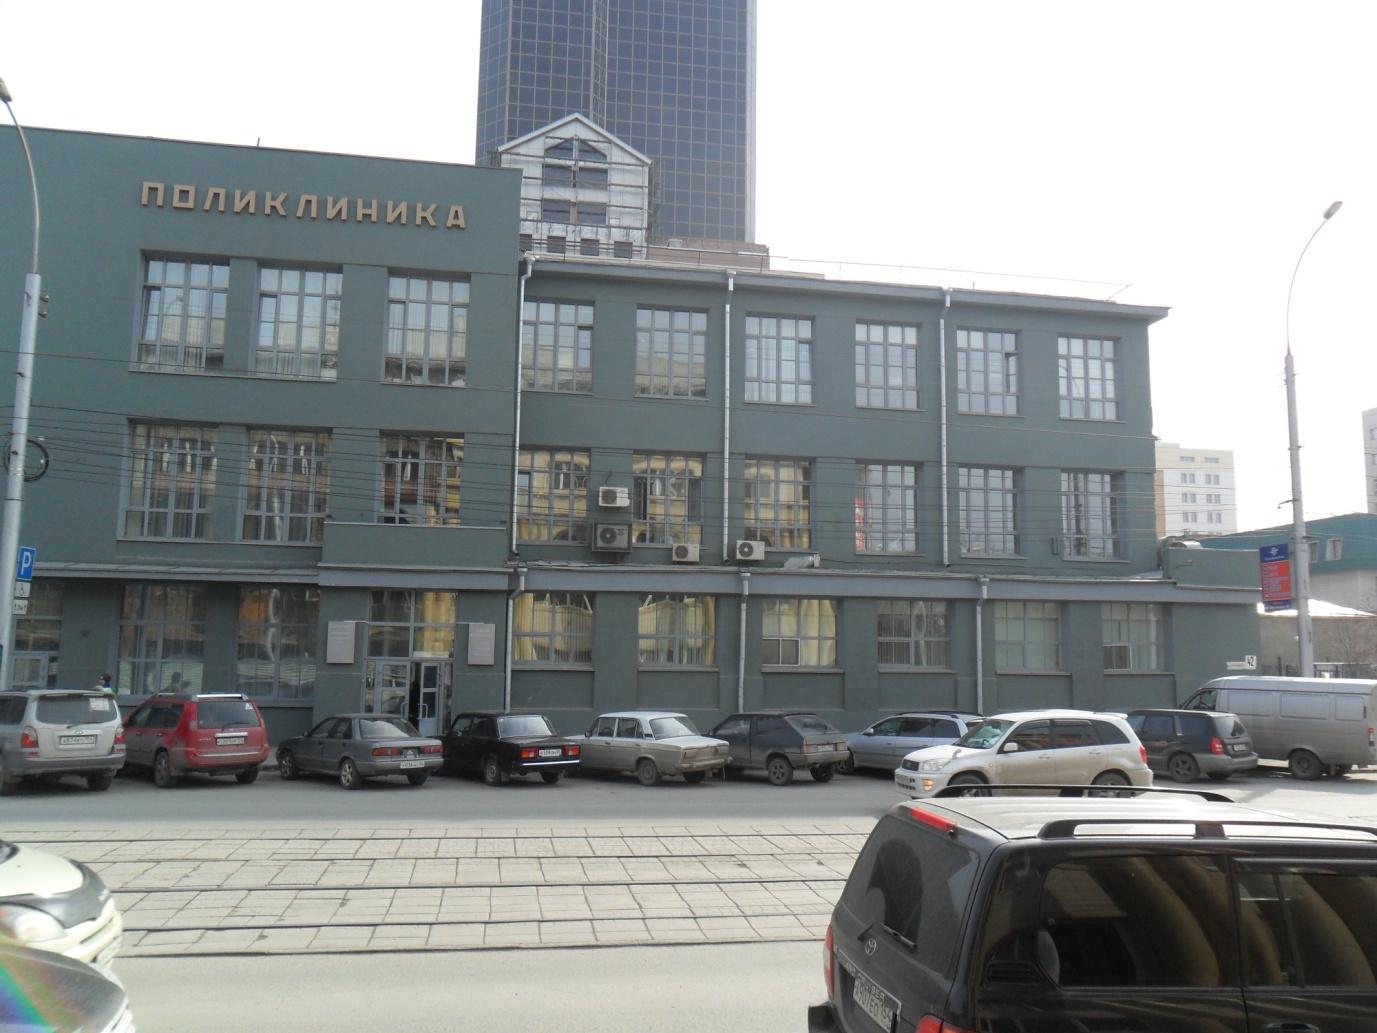 Волховская поликлиника официальный